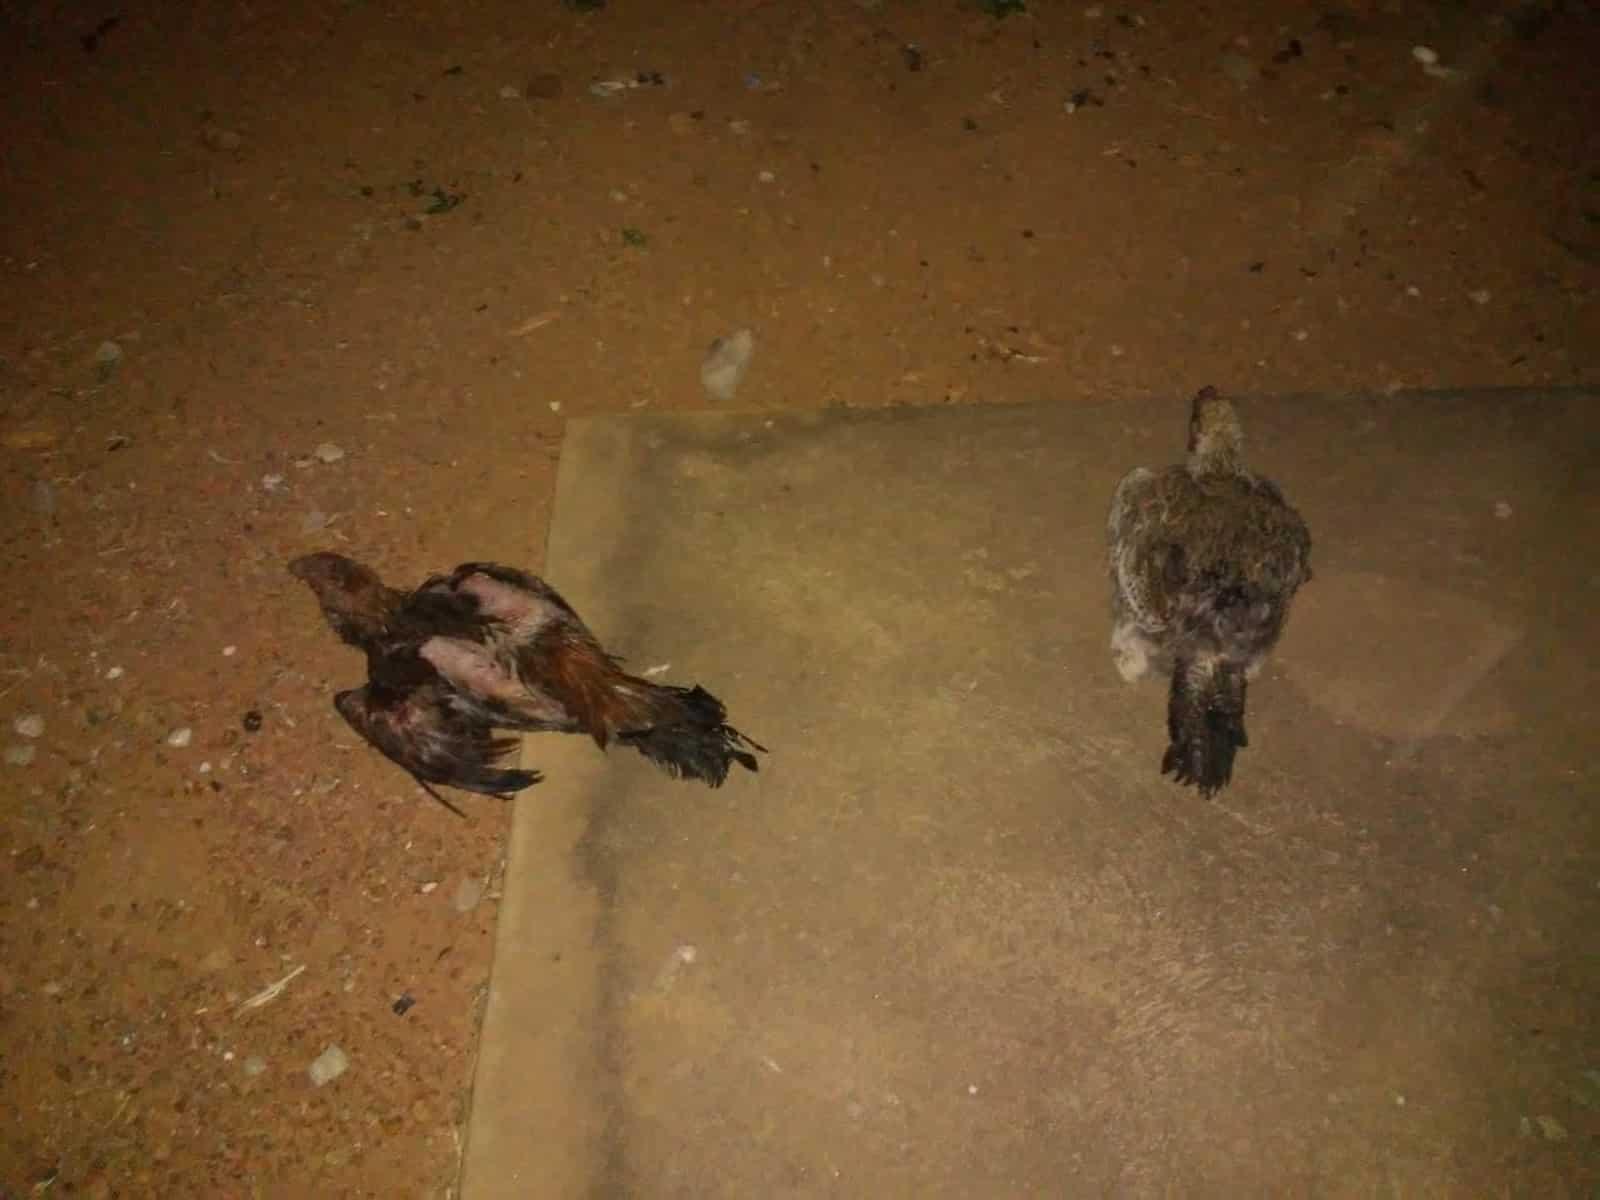 Dezesseis galinhas morreram após ataque de abelhas — Foto: João Carlos/Defesa Civil